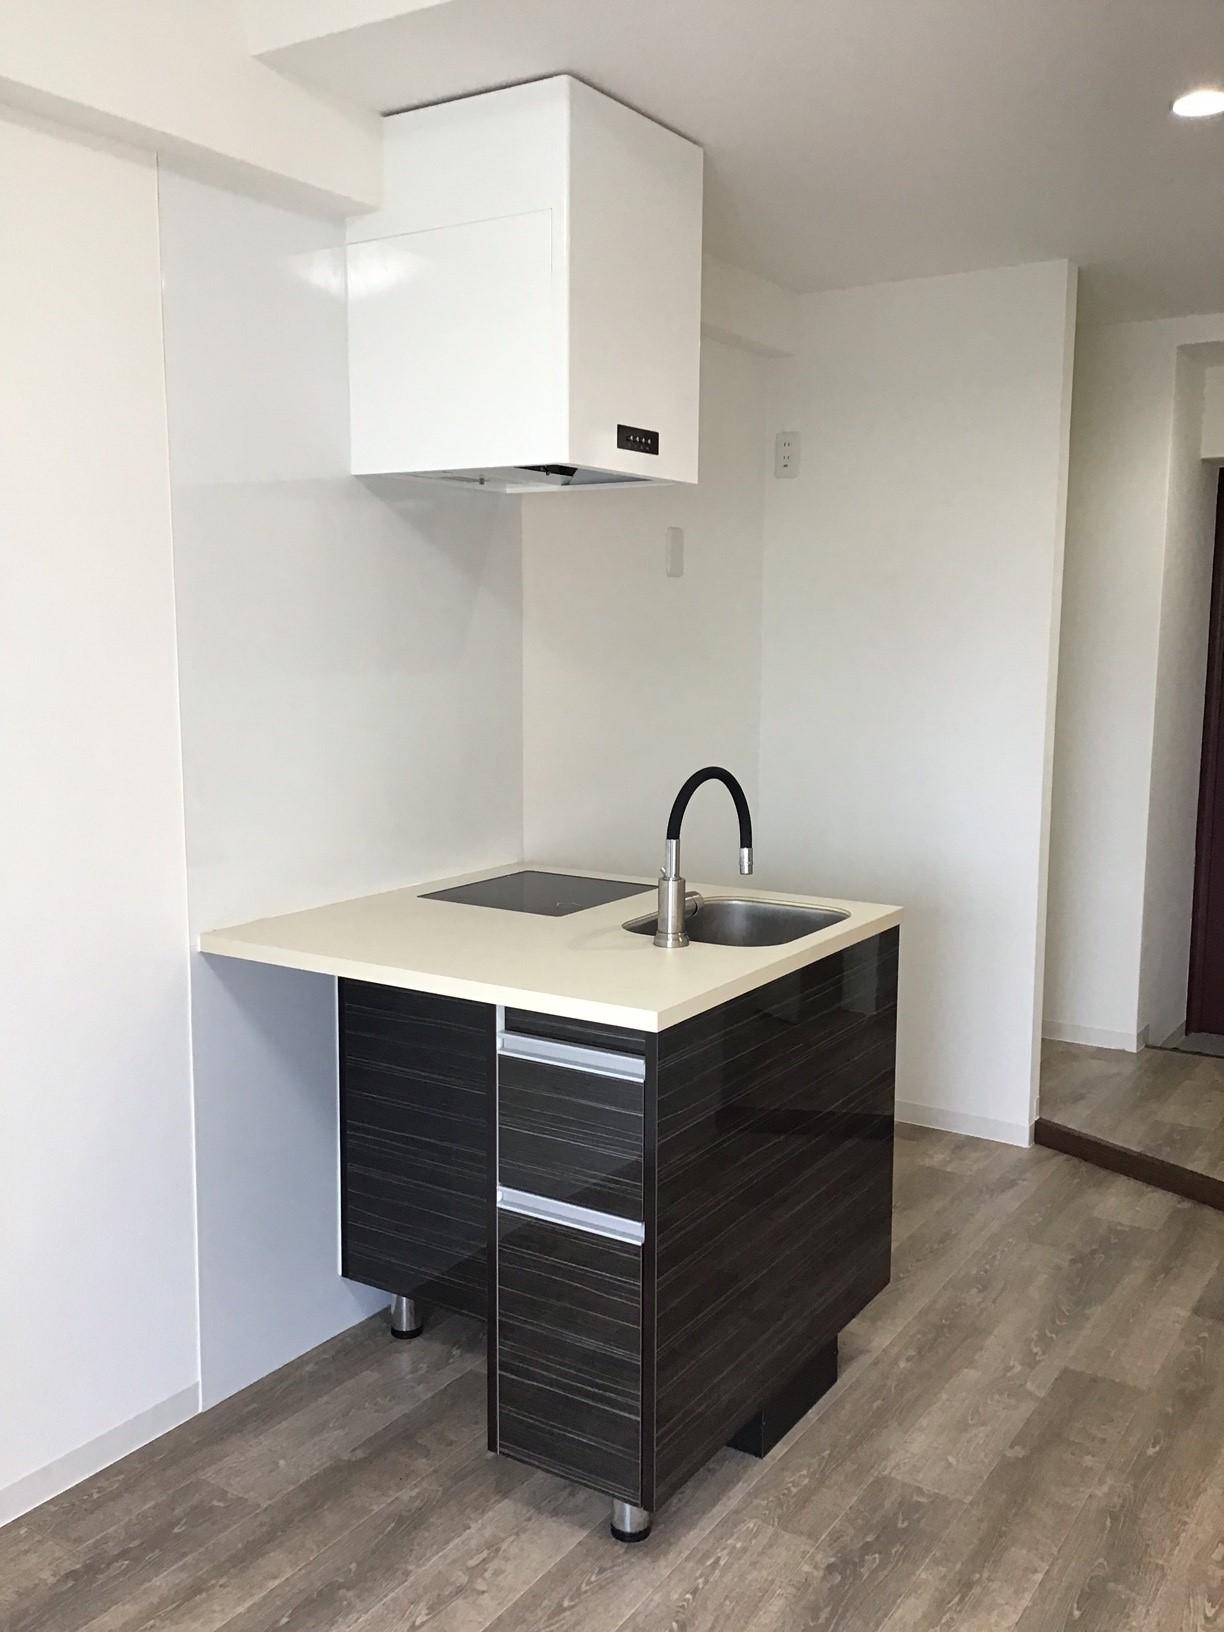 096 マンション デザイナーズキッチン納入事例